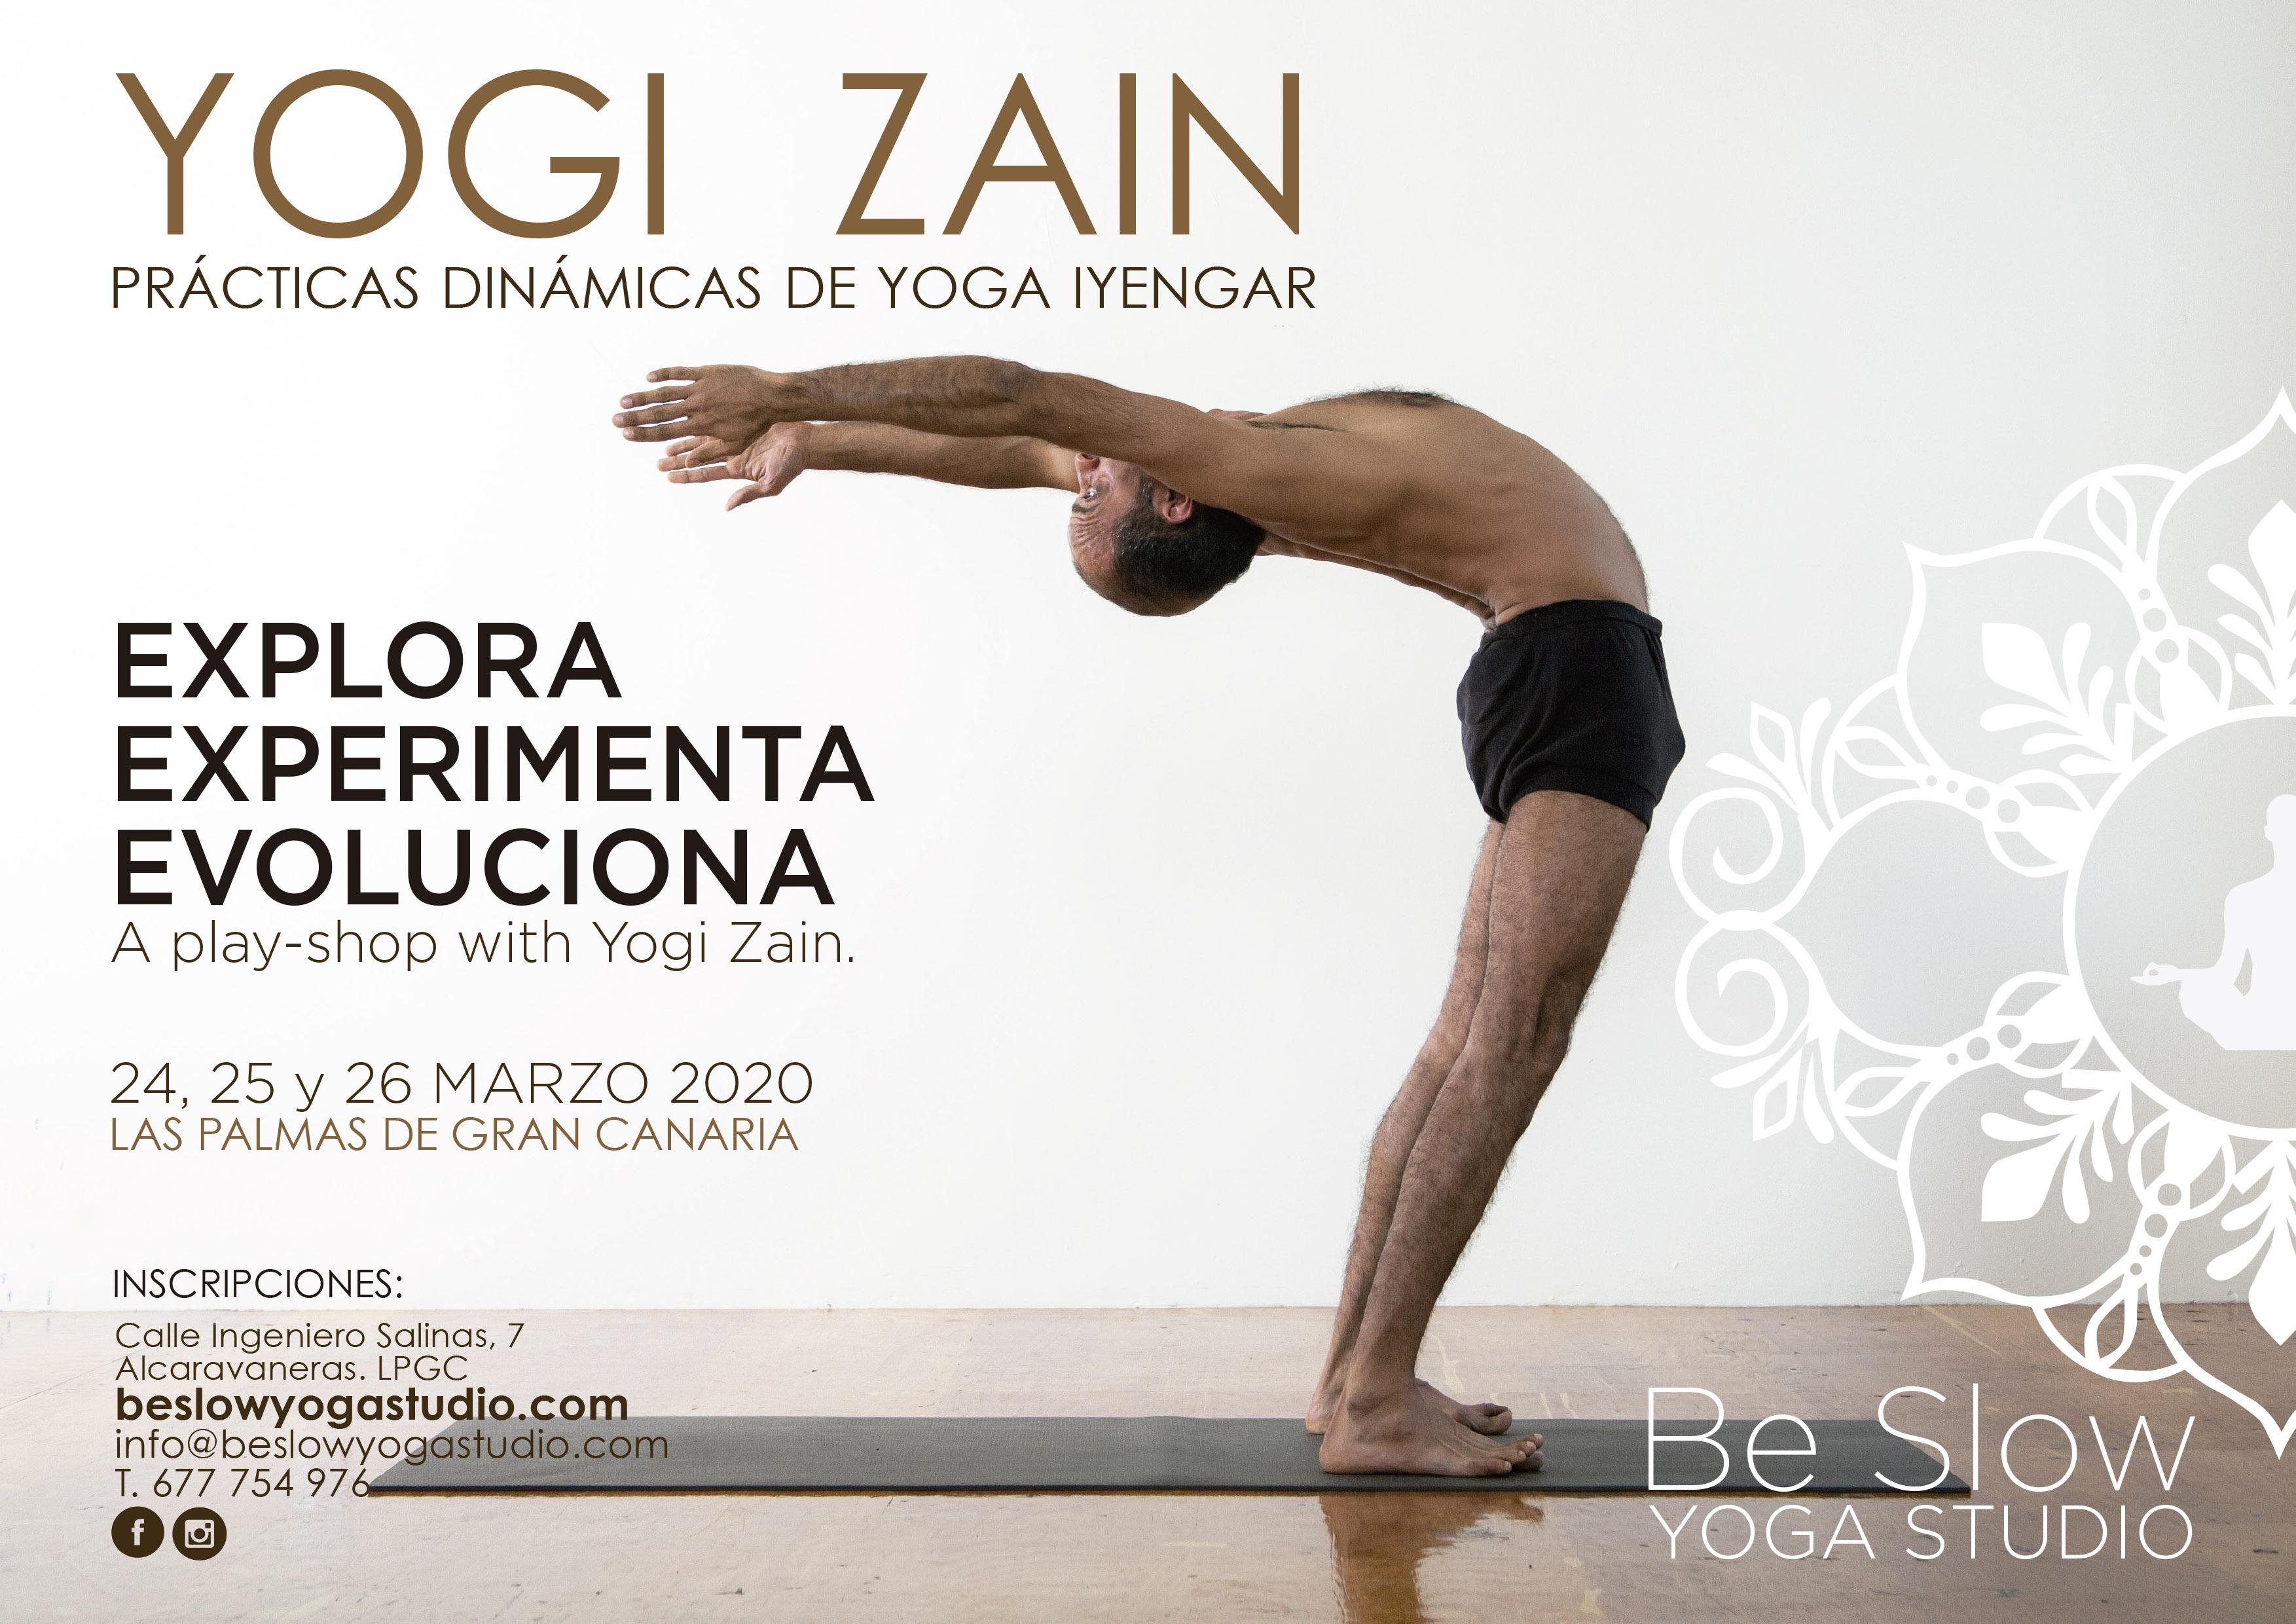 Talleres de Yoga Iyengar Dinámico con Yogi Zain en Marzo.